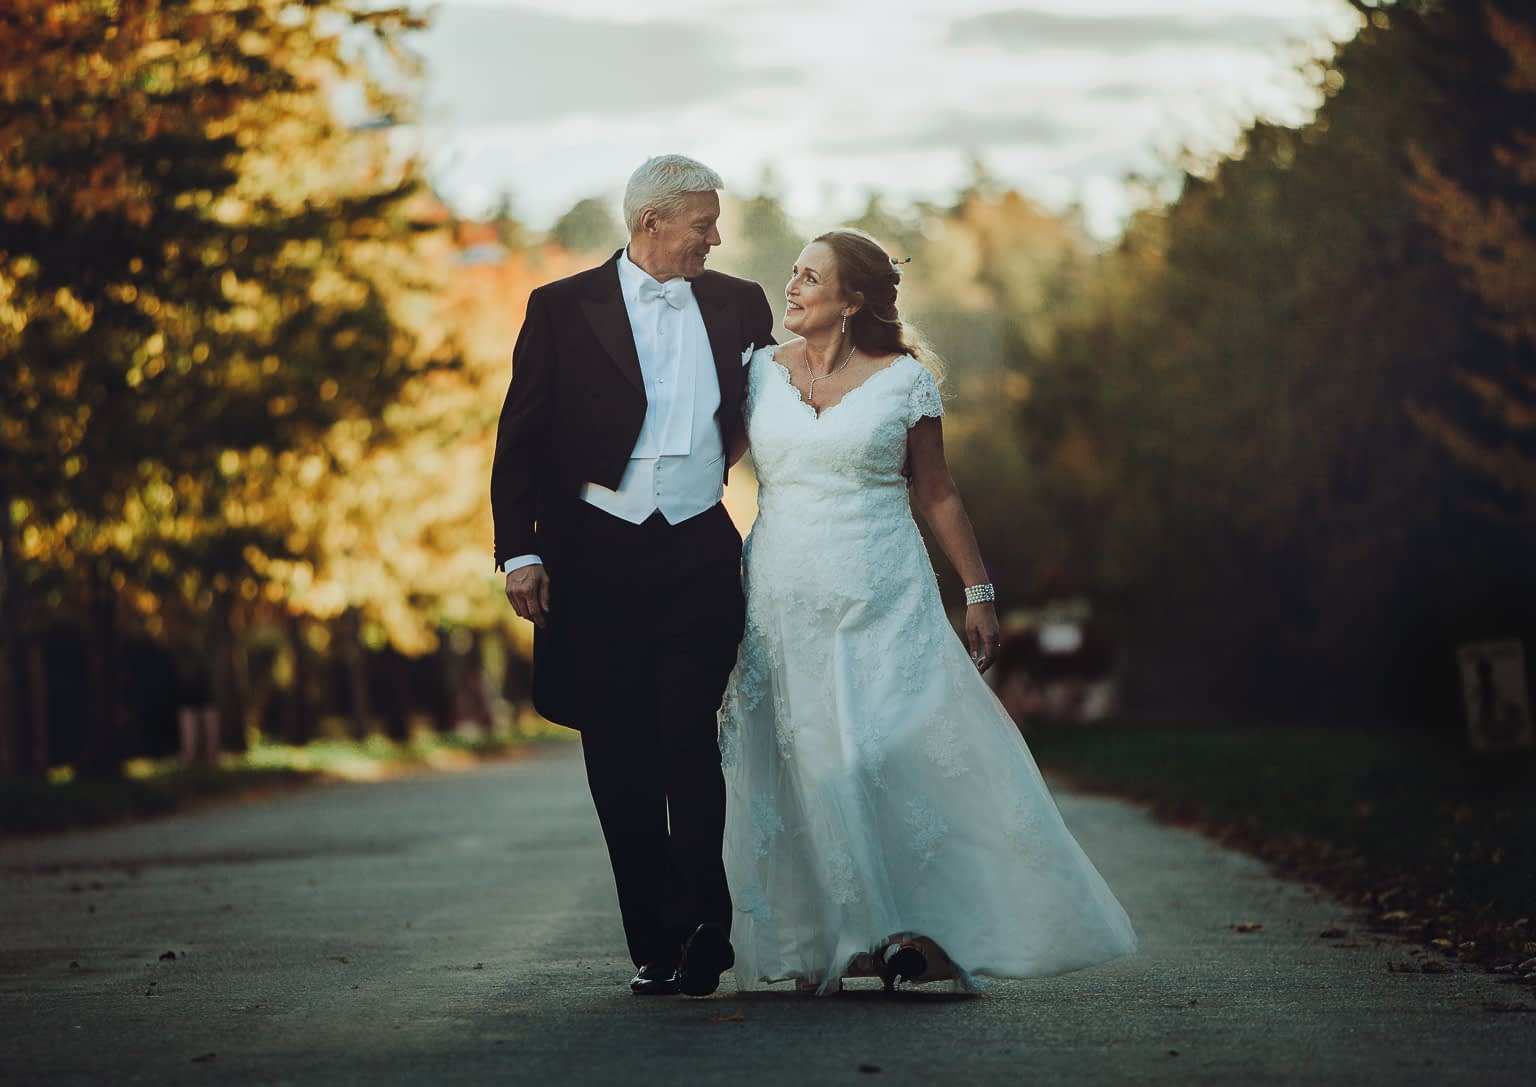 vieux couple marié se baladent en automne avec les arbres oranges autour d`eux